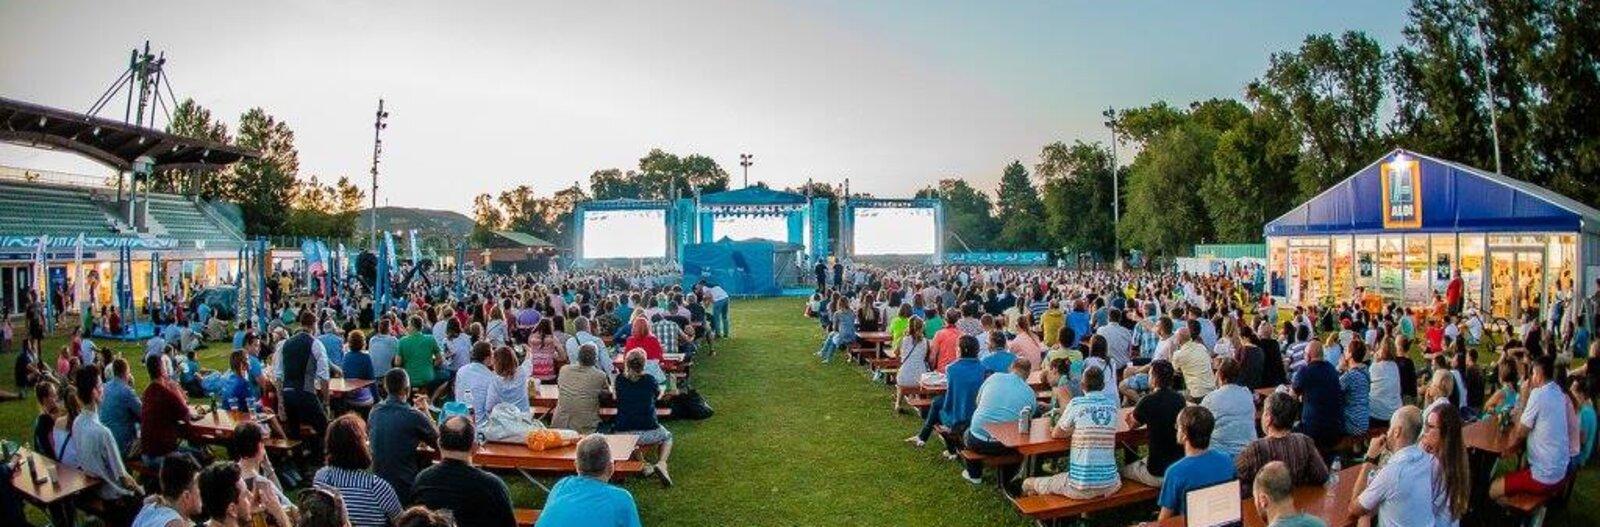 Itt szurkolj a mieinknek a budapesti vizes világbajnokságon!